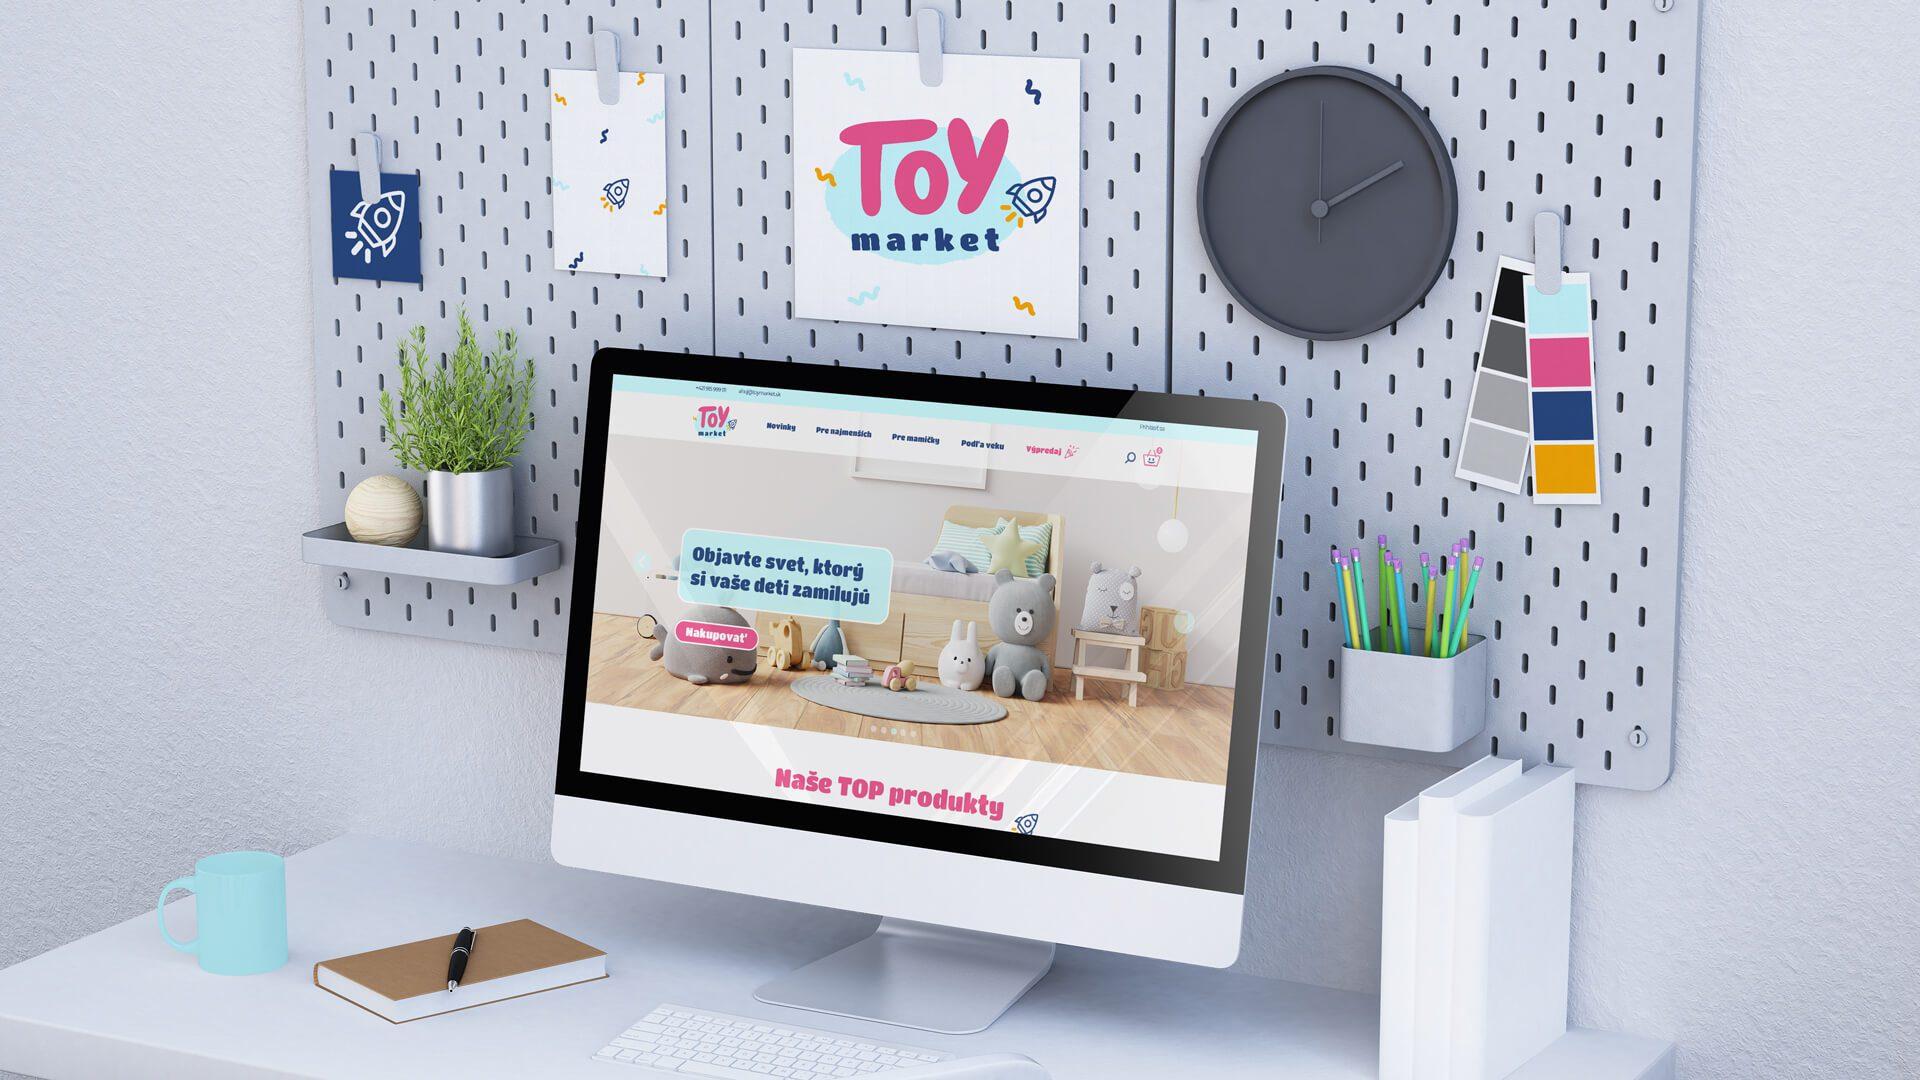 Dizajn domovskej stránky pre E-shop s detskými hračkami